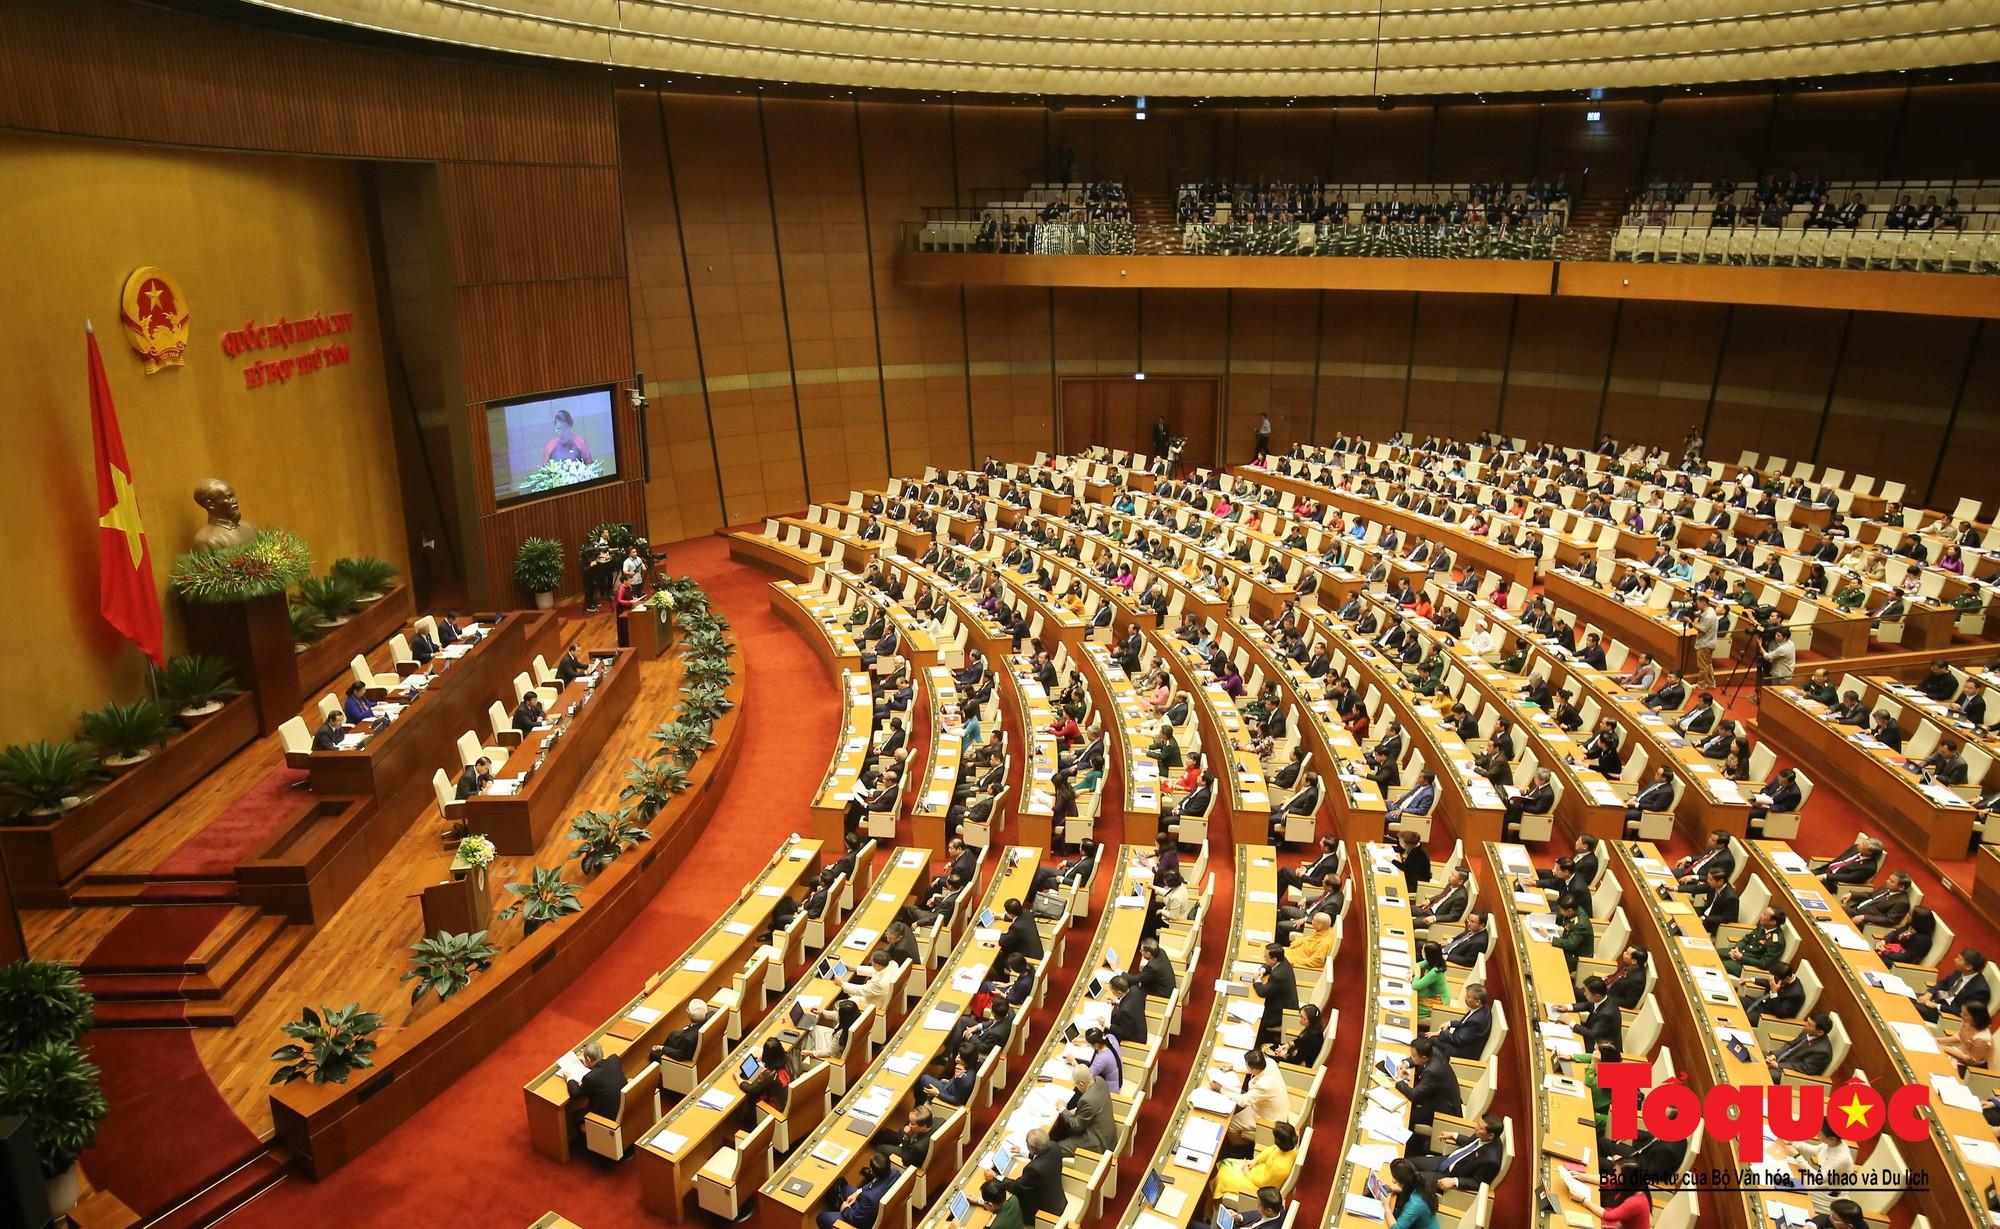 ĐBQH bên hành lang ngày khai mạc kỳ họp thứ 8, Quốc hội khóa XIV (15)